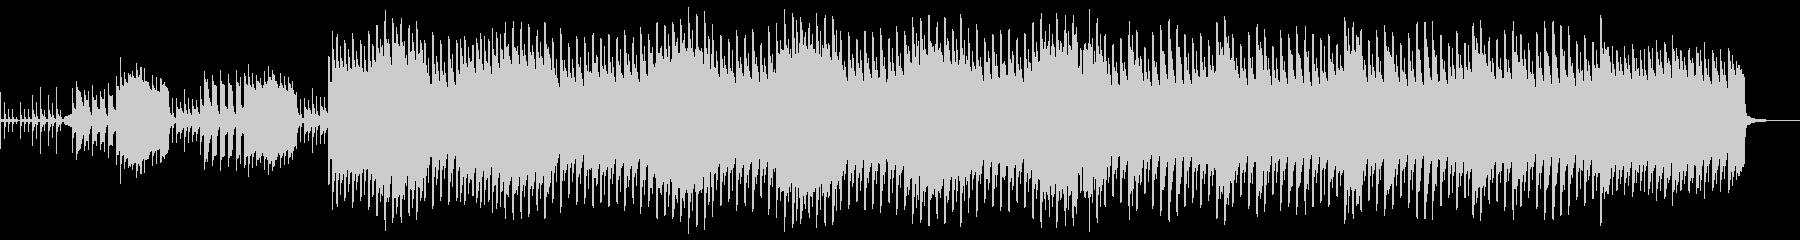 CM用 アナログシンセ 印象的でハードの未再生の波形